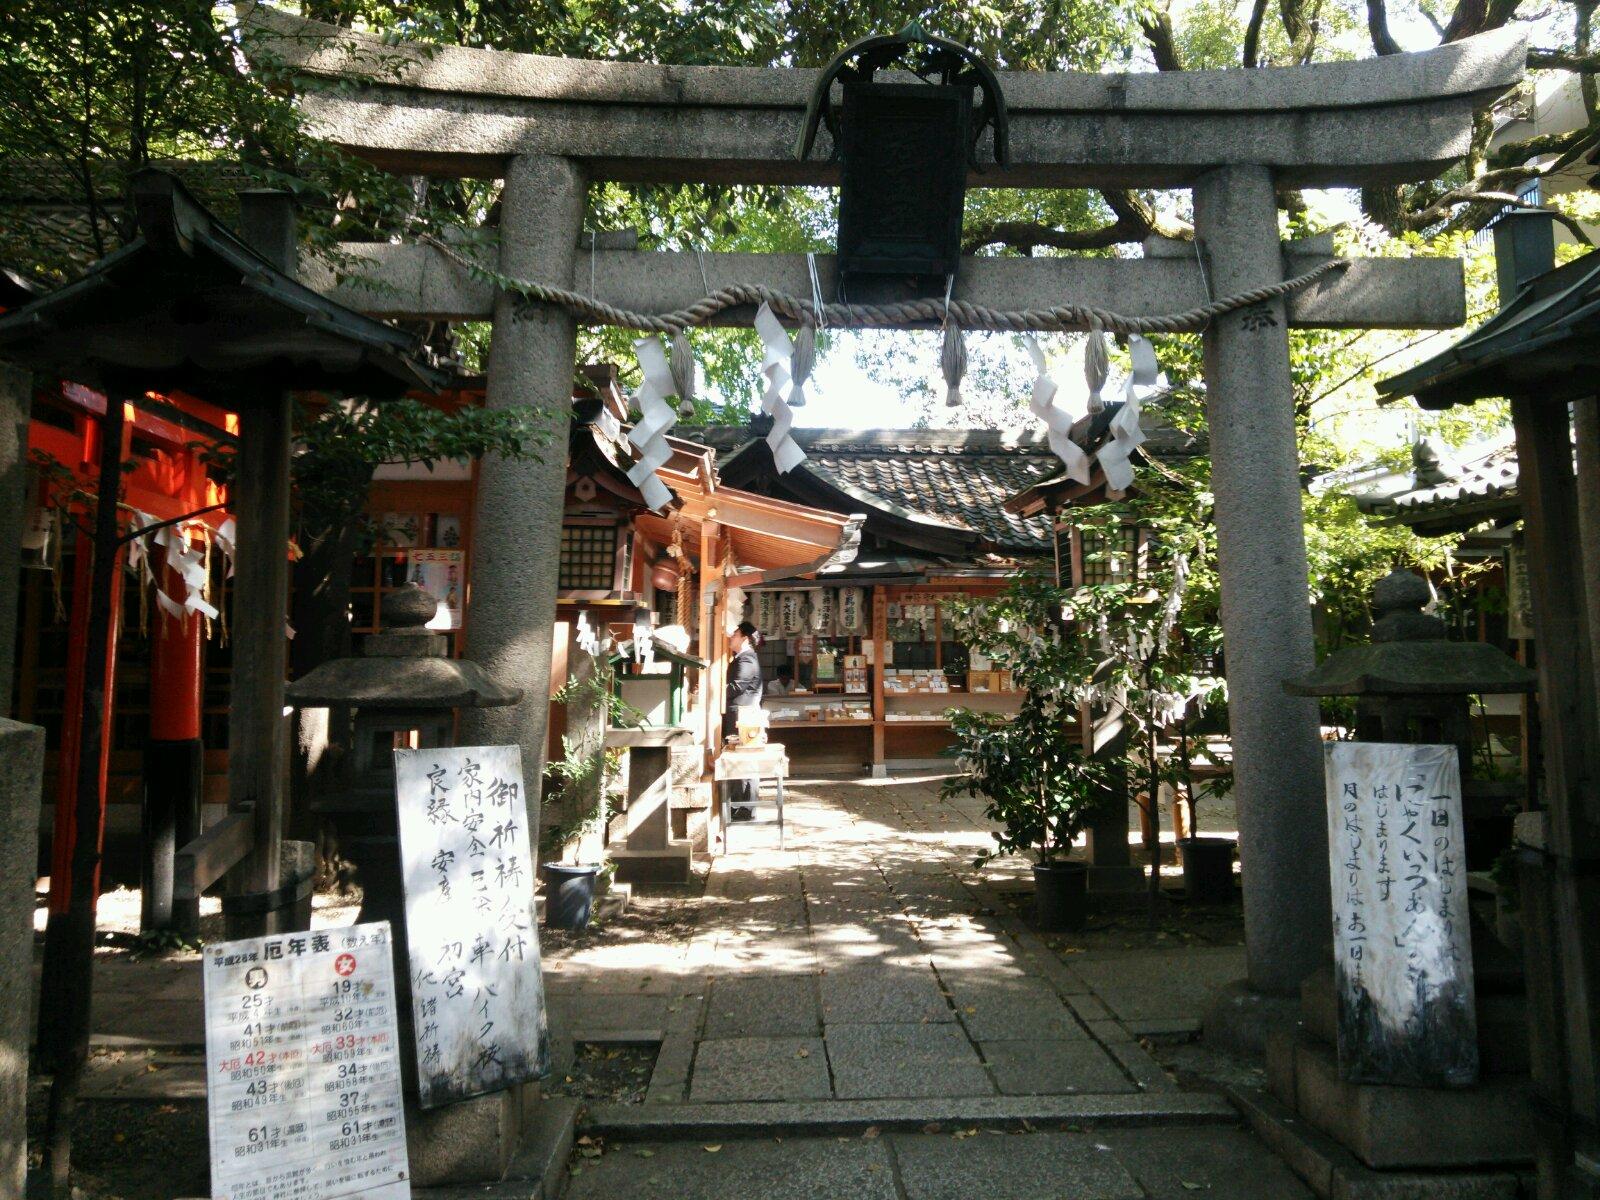 若一神社にゃくいちじんじゃ(京都市下京区/神社)